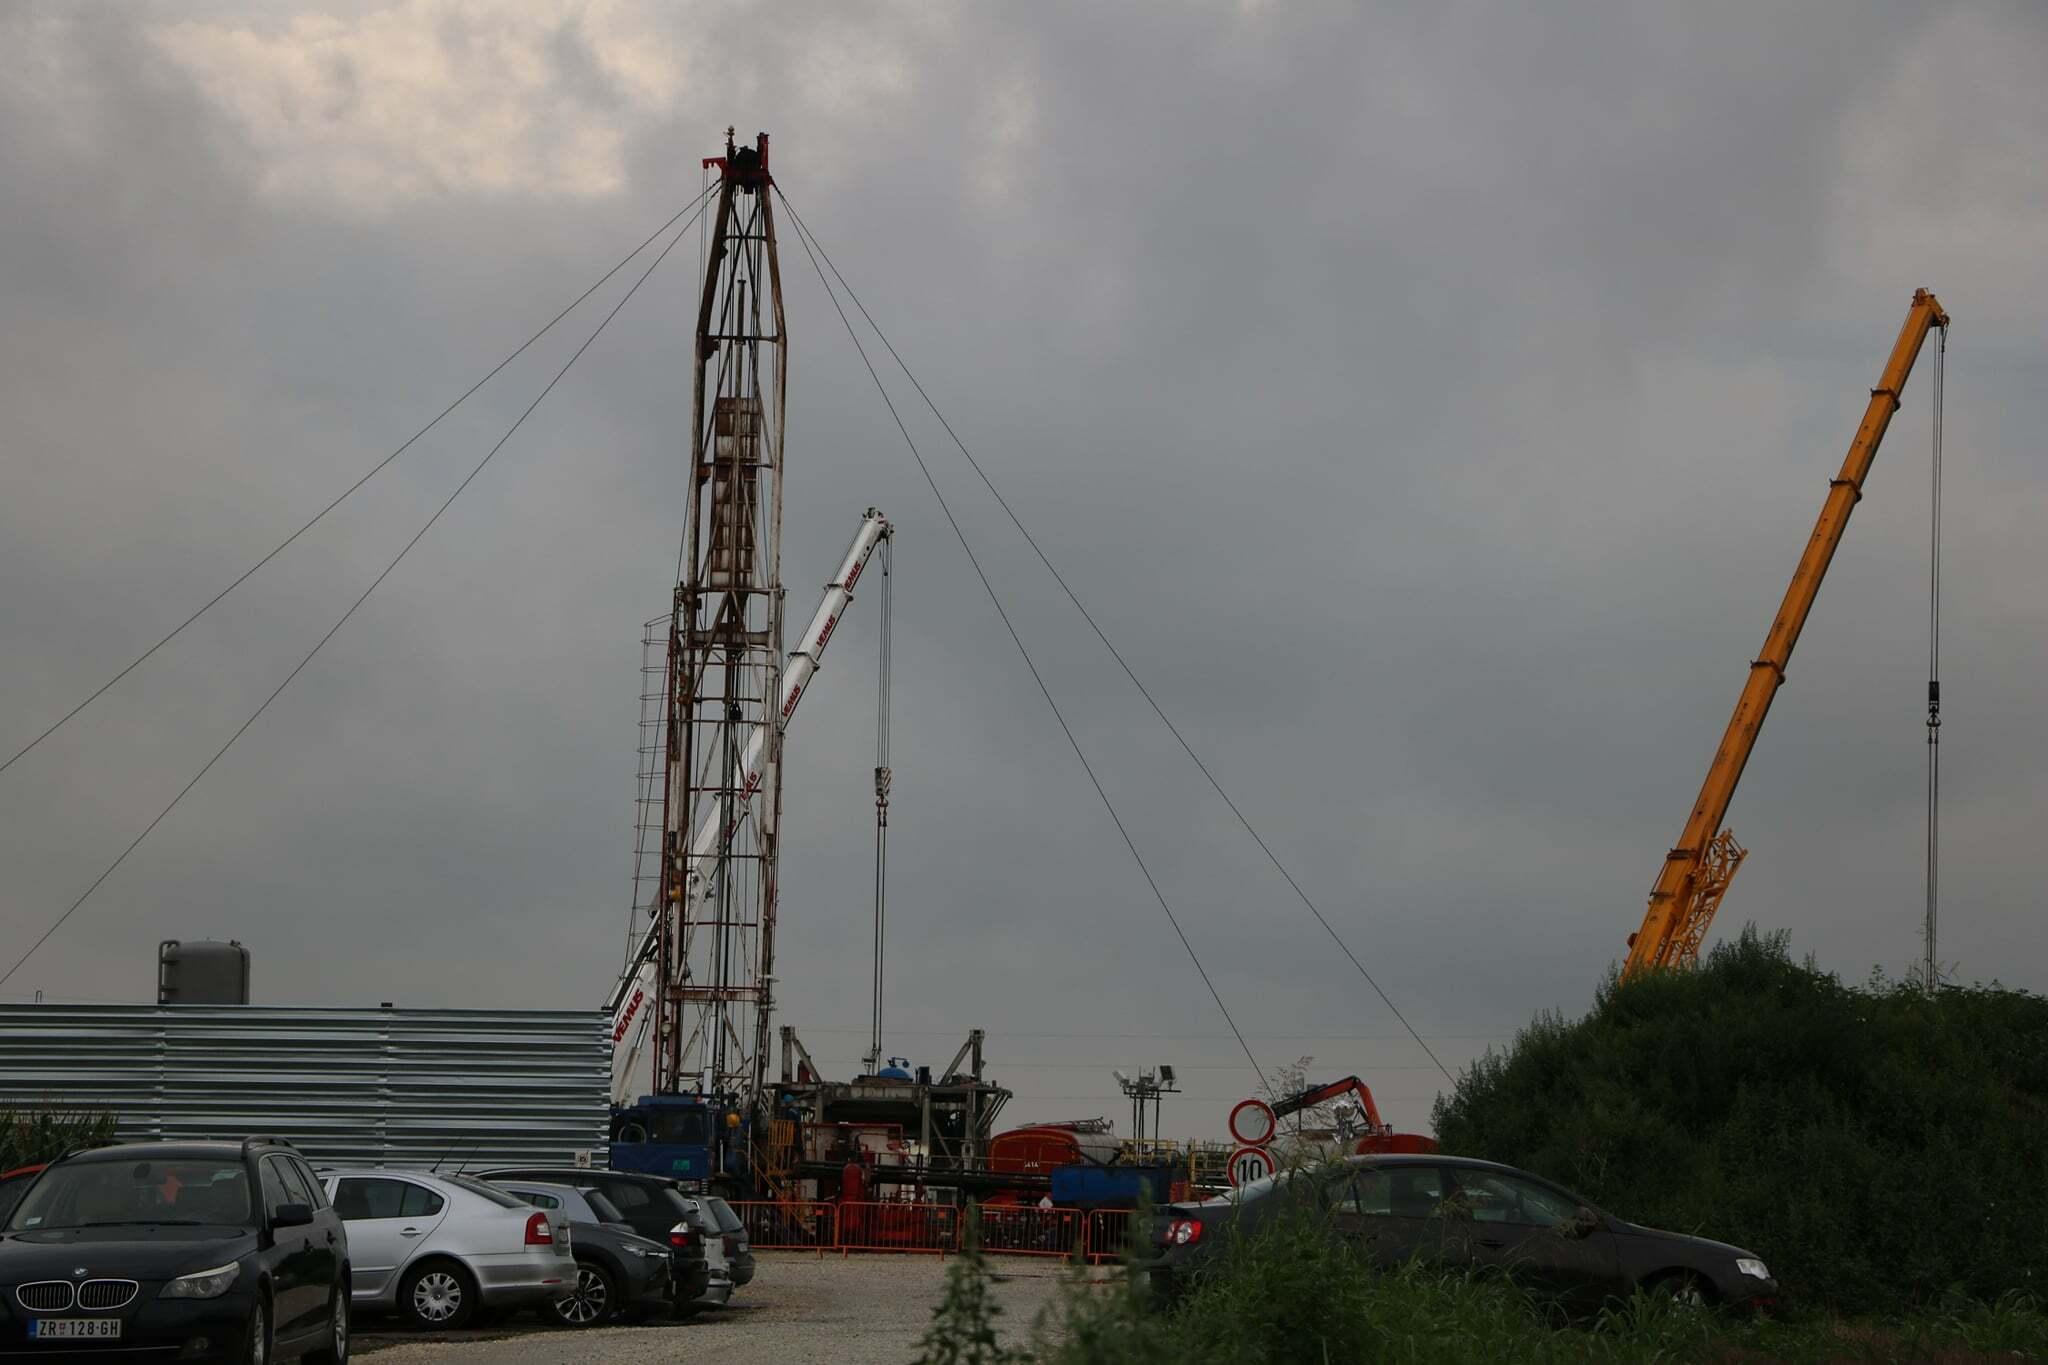 У Републици Србији истражне радње нафте без Студије о процени утицаја на животну средину: НОЋНА МОРА НА ПАЛИЋУ